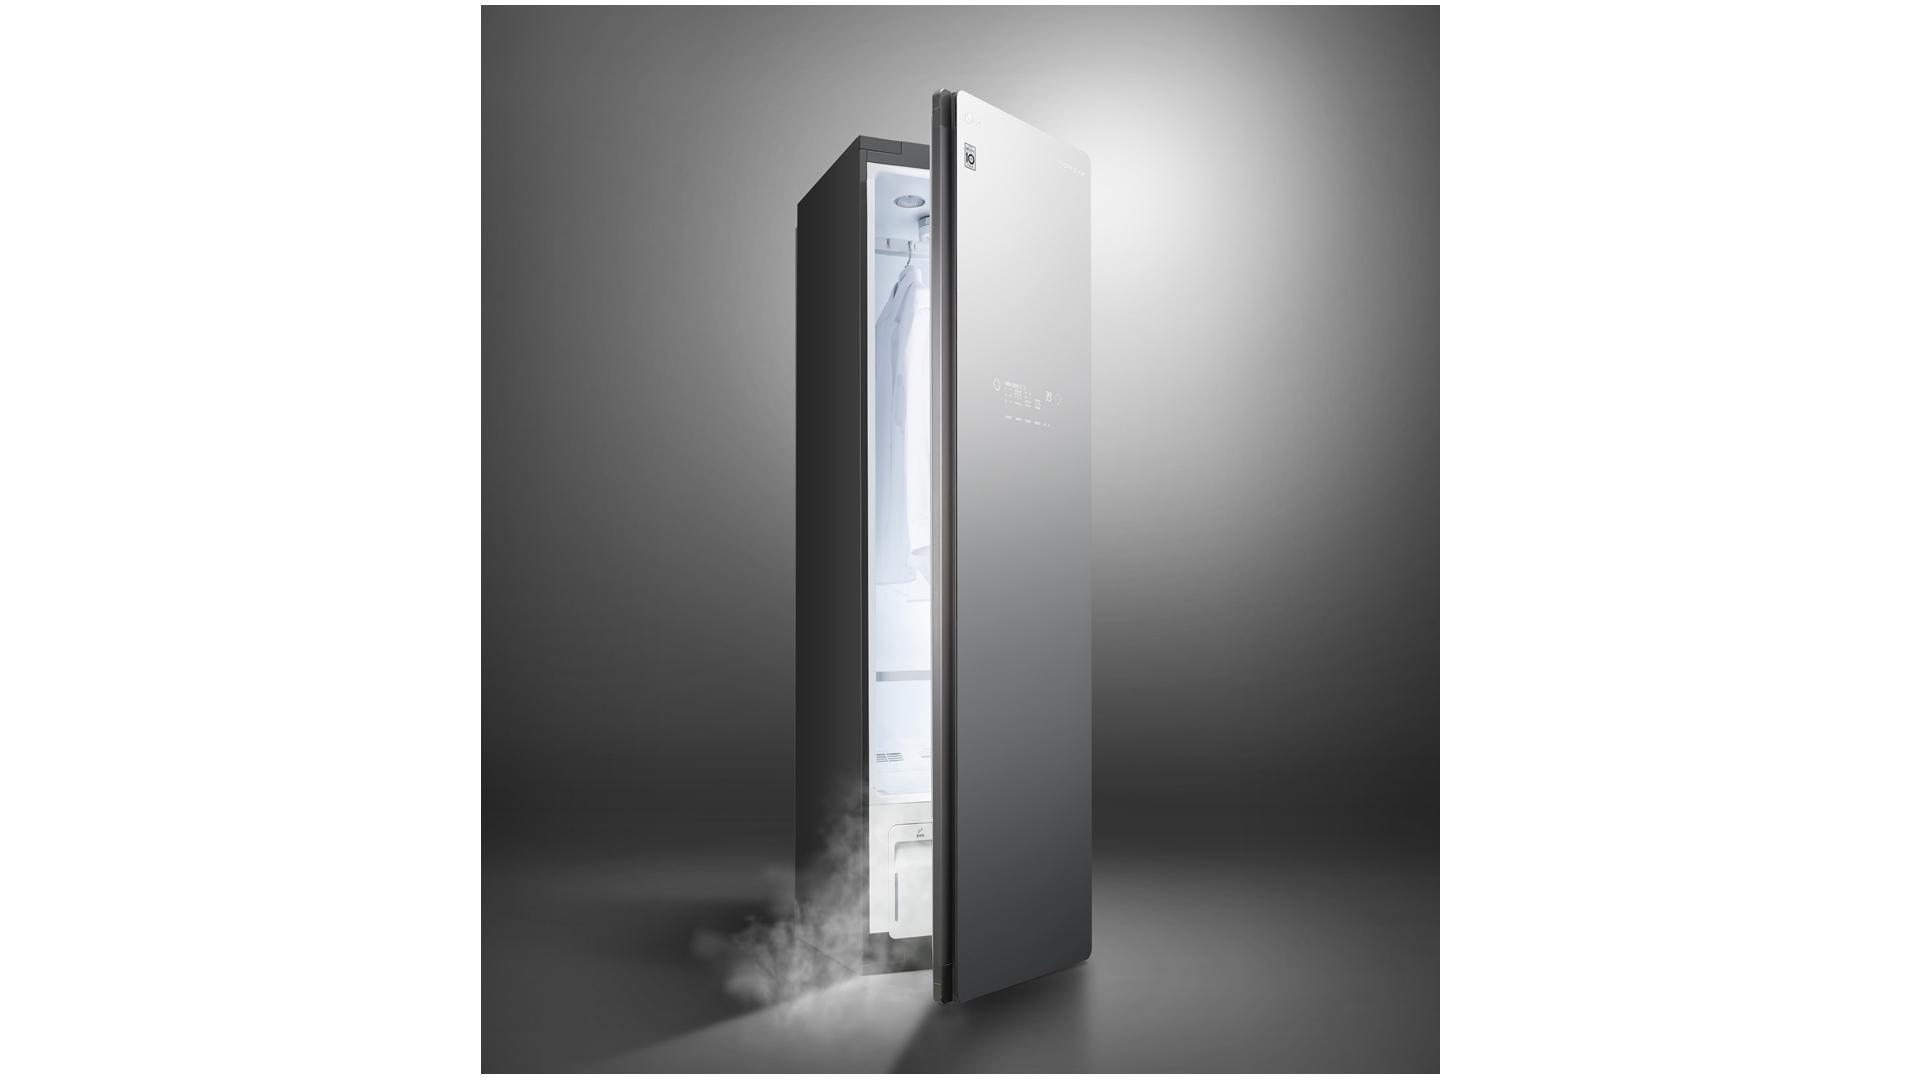 LG 트롬 스타일러의 온라인 광고